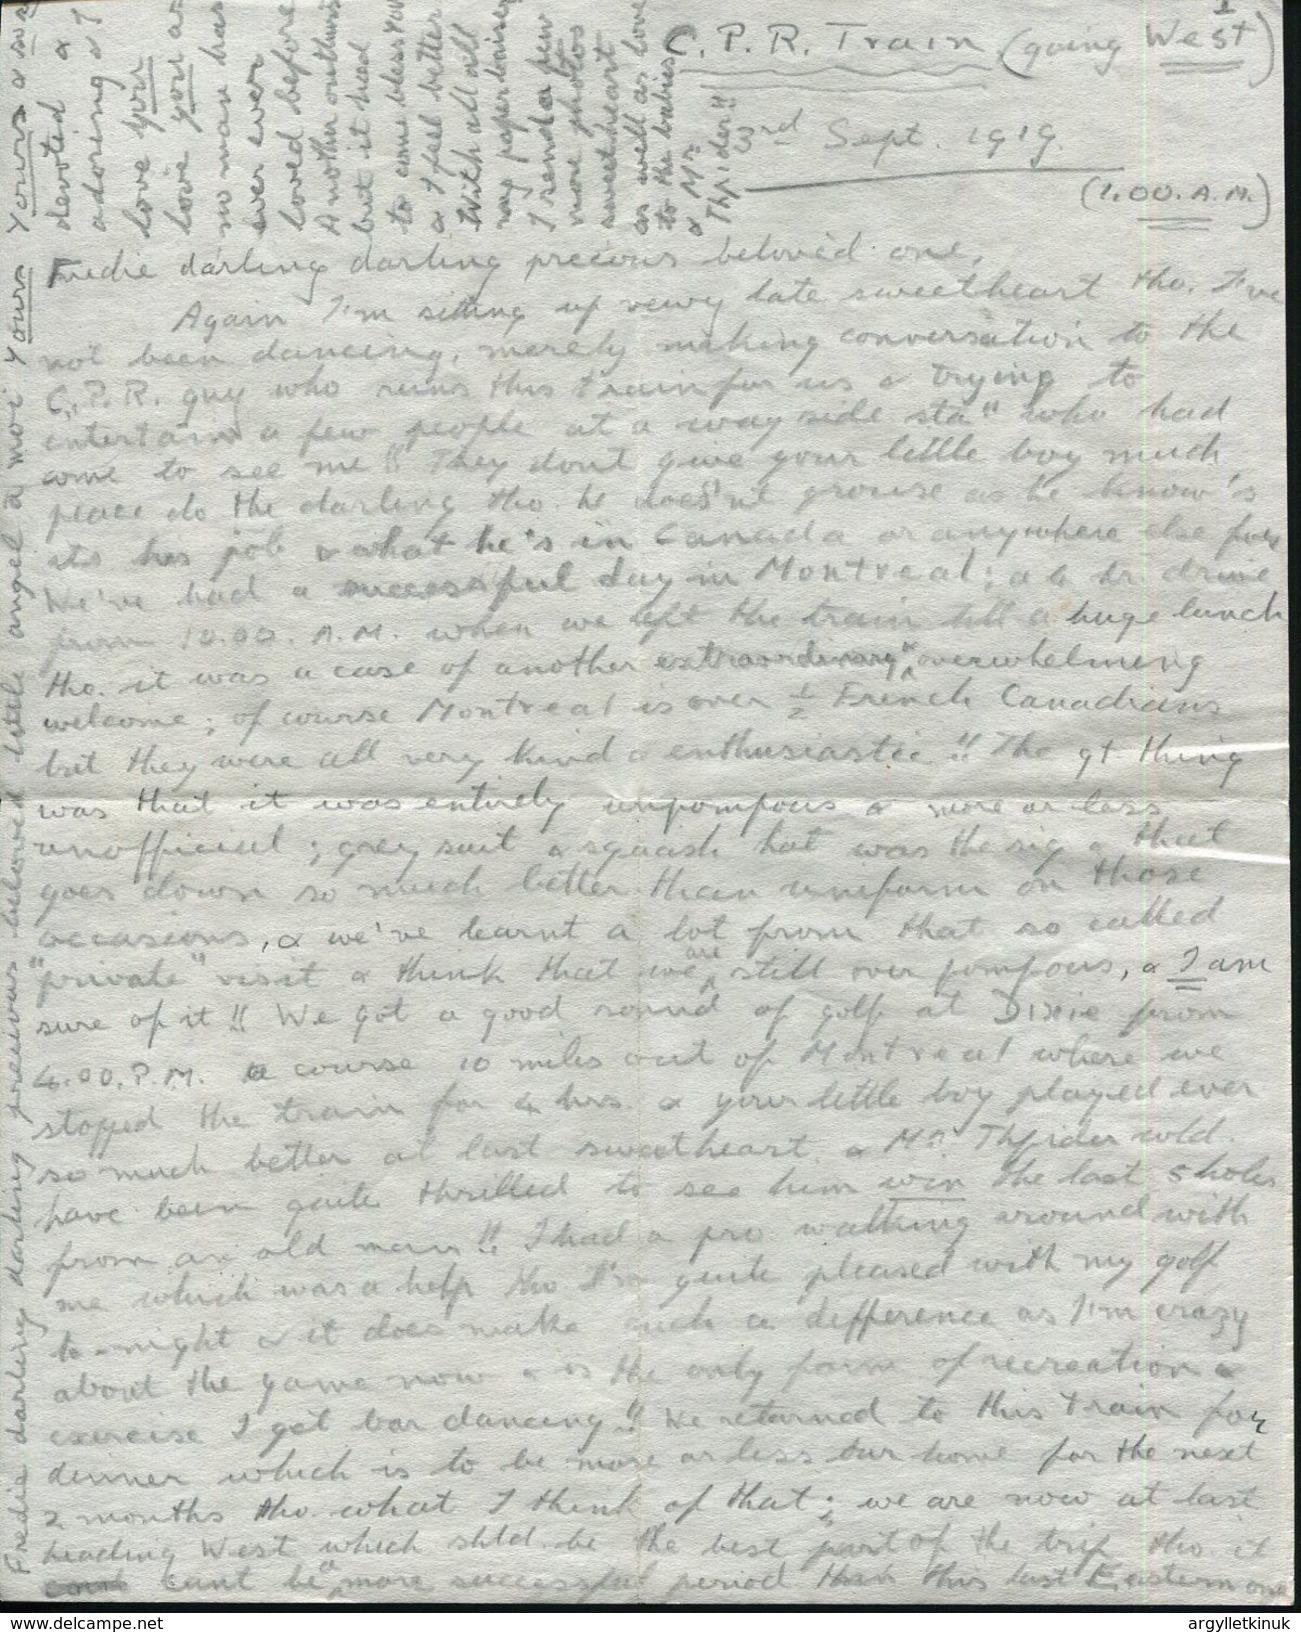 ROYALTY KING EDWARD 8TH CANADA RAILWAY WINNIPEG 1919 GOLF - Old Paper